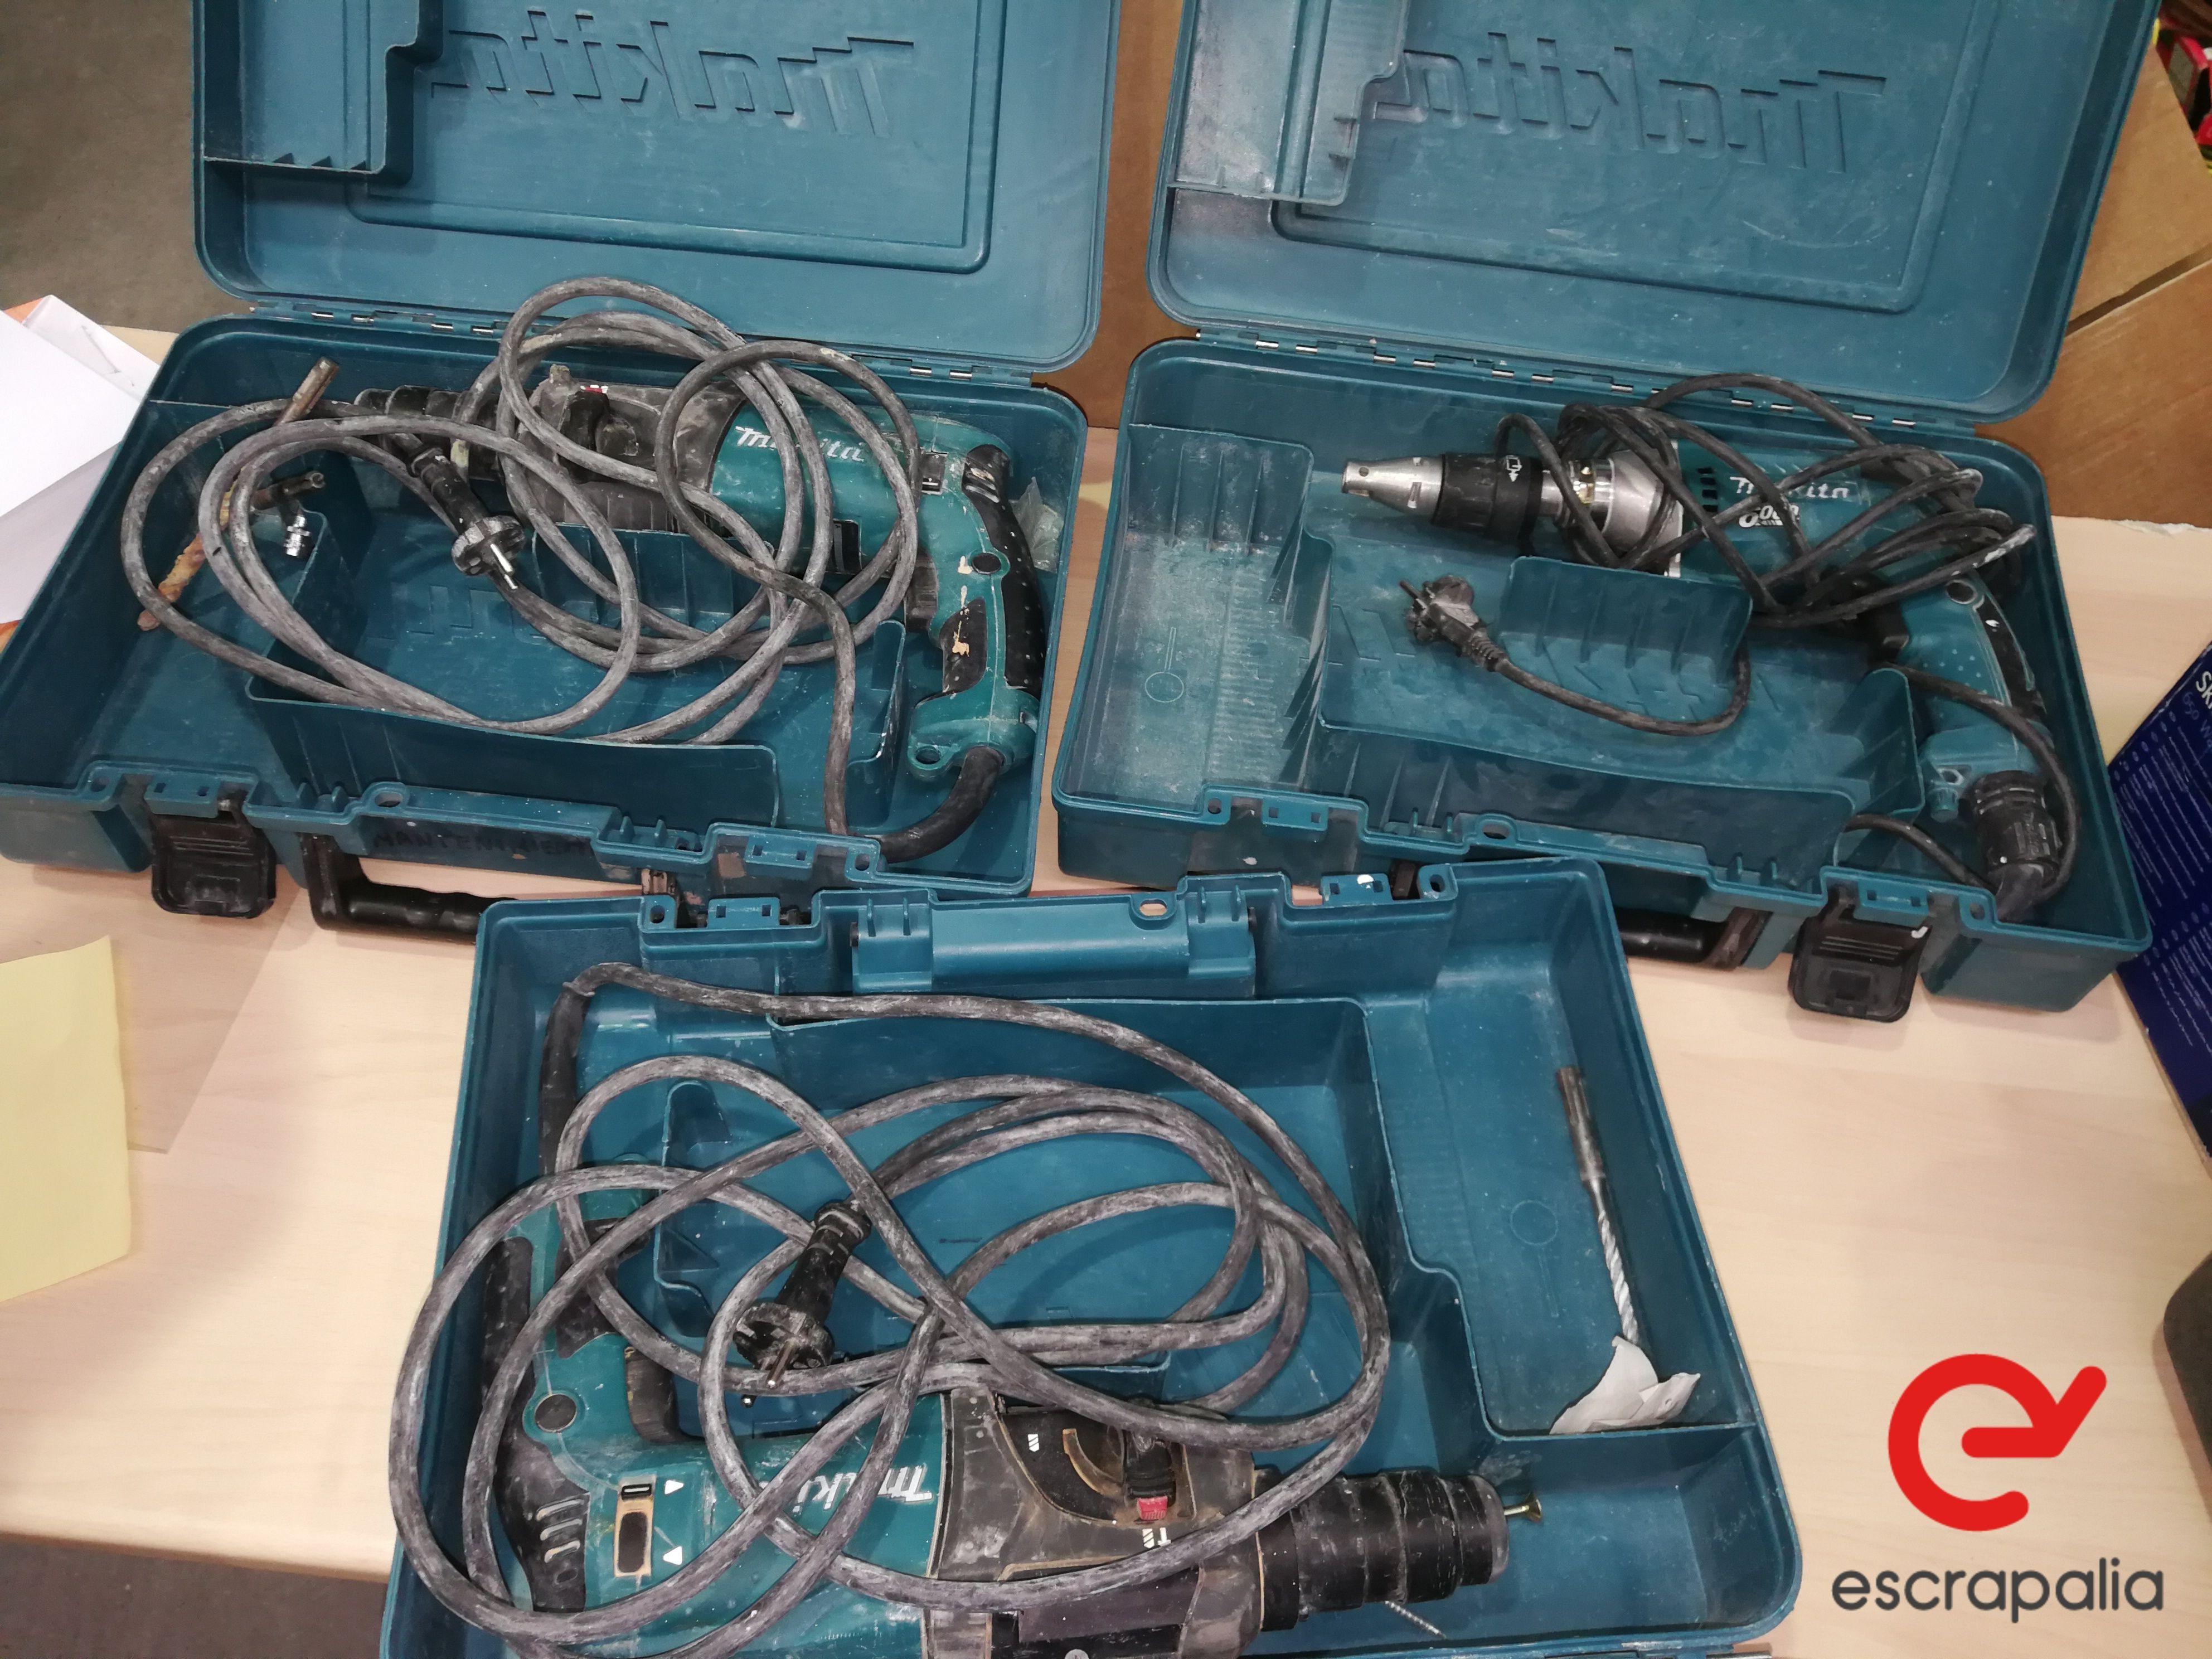 3 Lichthämmer 22 mm Makita Modell HR2230. Los 025